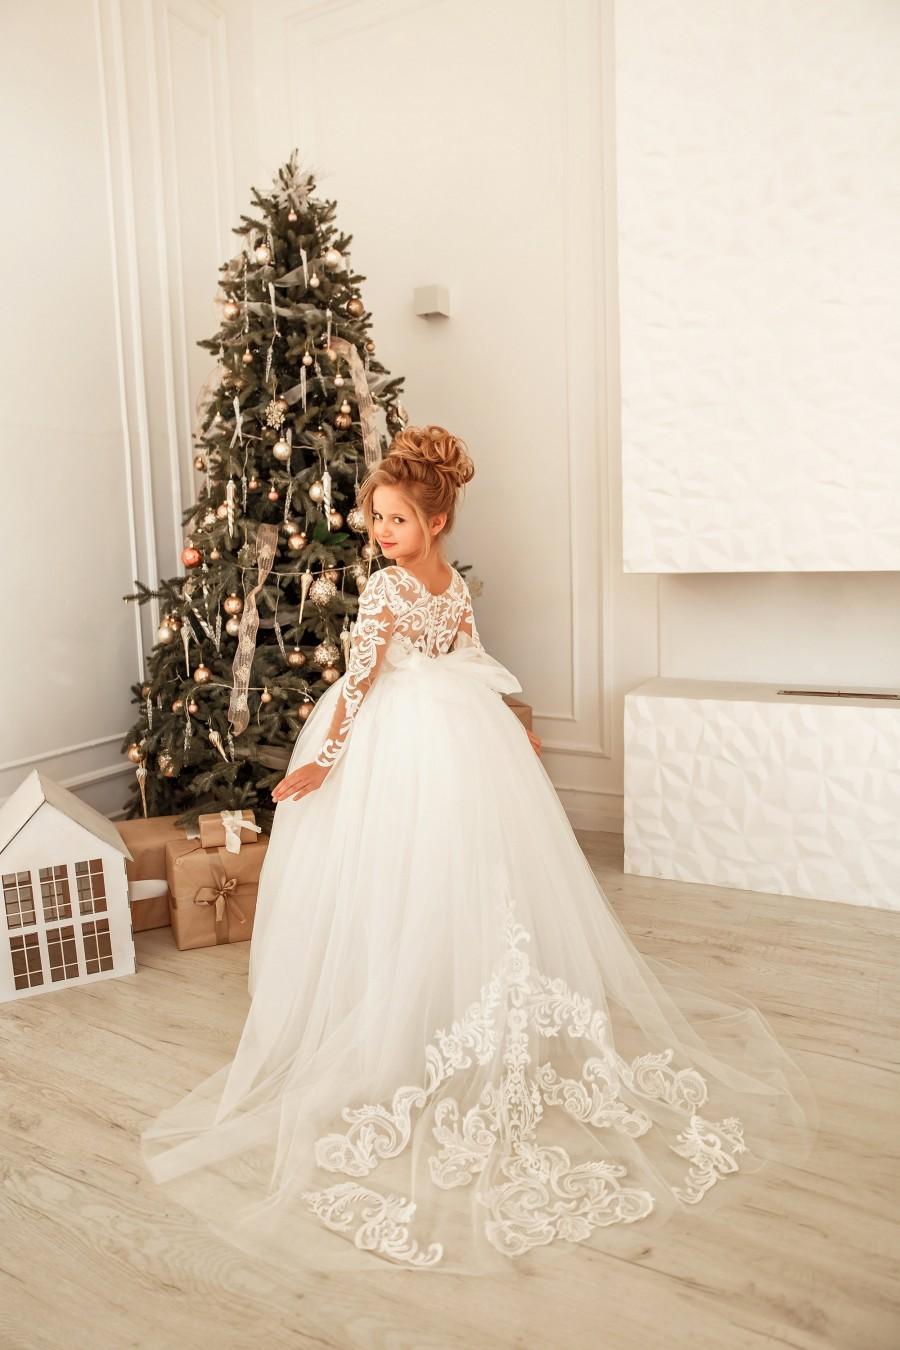 Wedding - Flower girl dress tulle, Lace girl dress, Long sleeve flower girl dress, Toddler train dress, Tutu girl dress, Ball gown girl dress